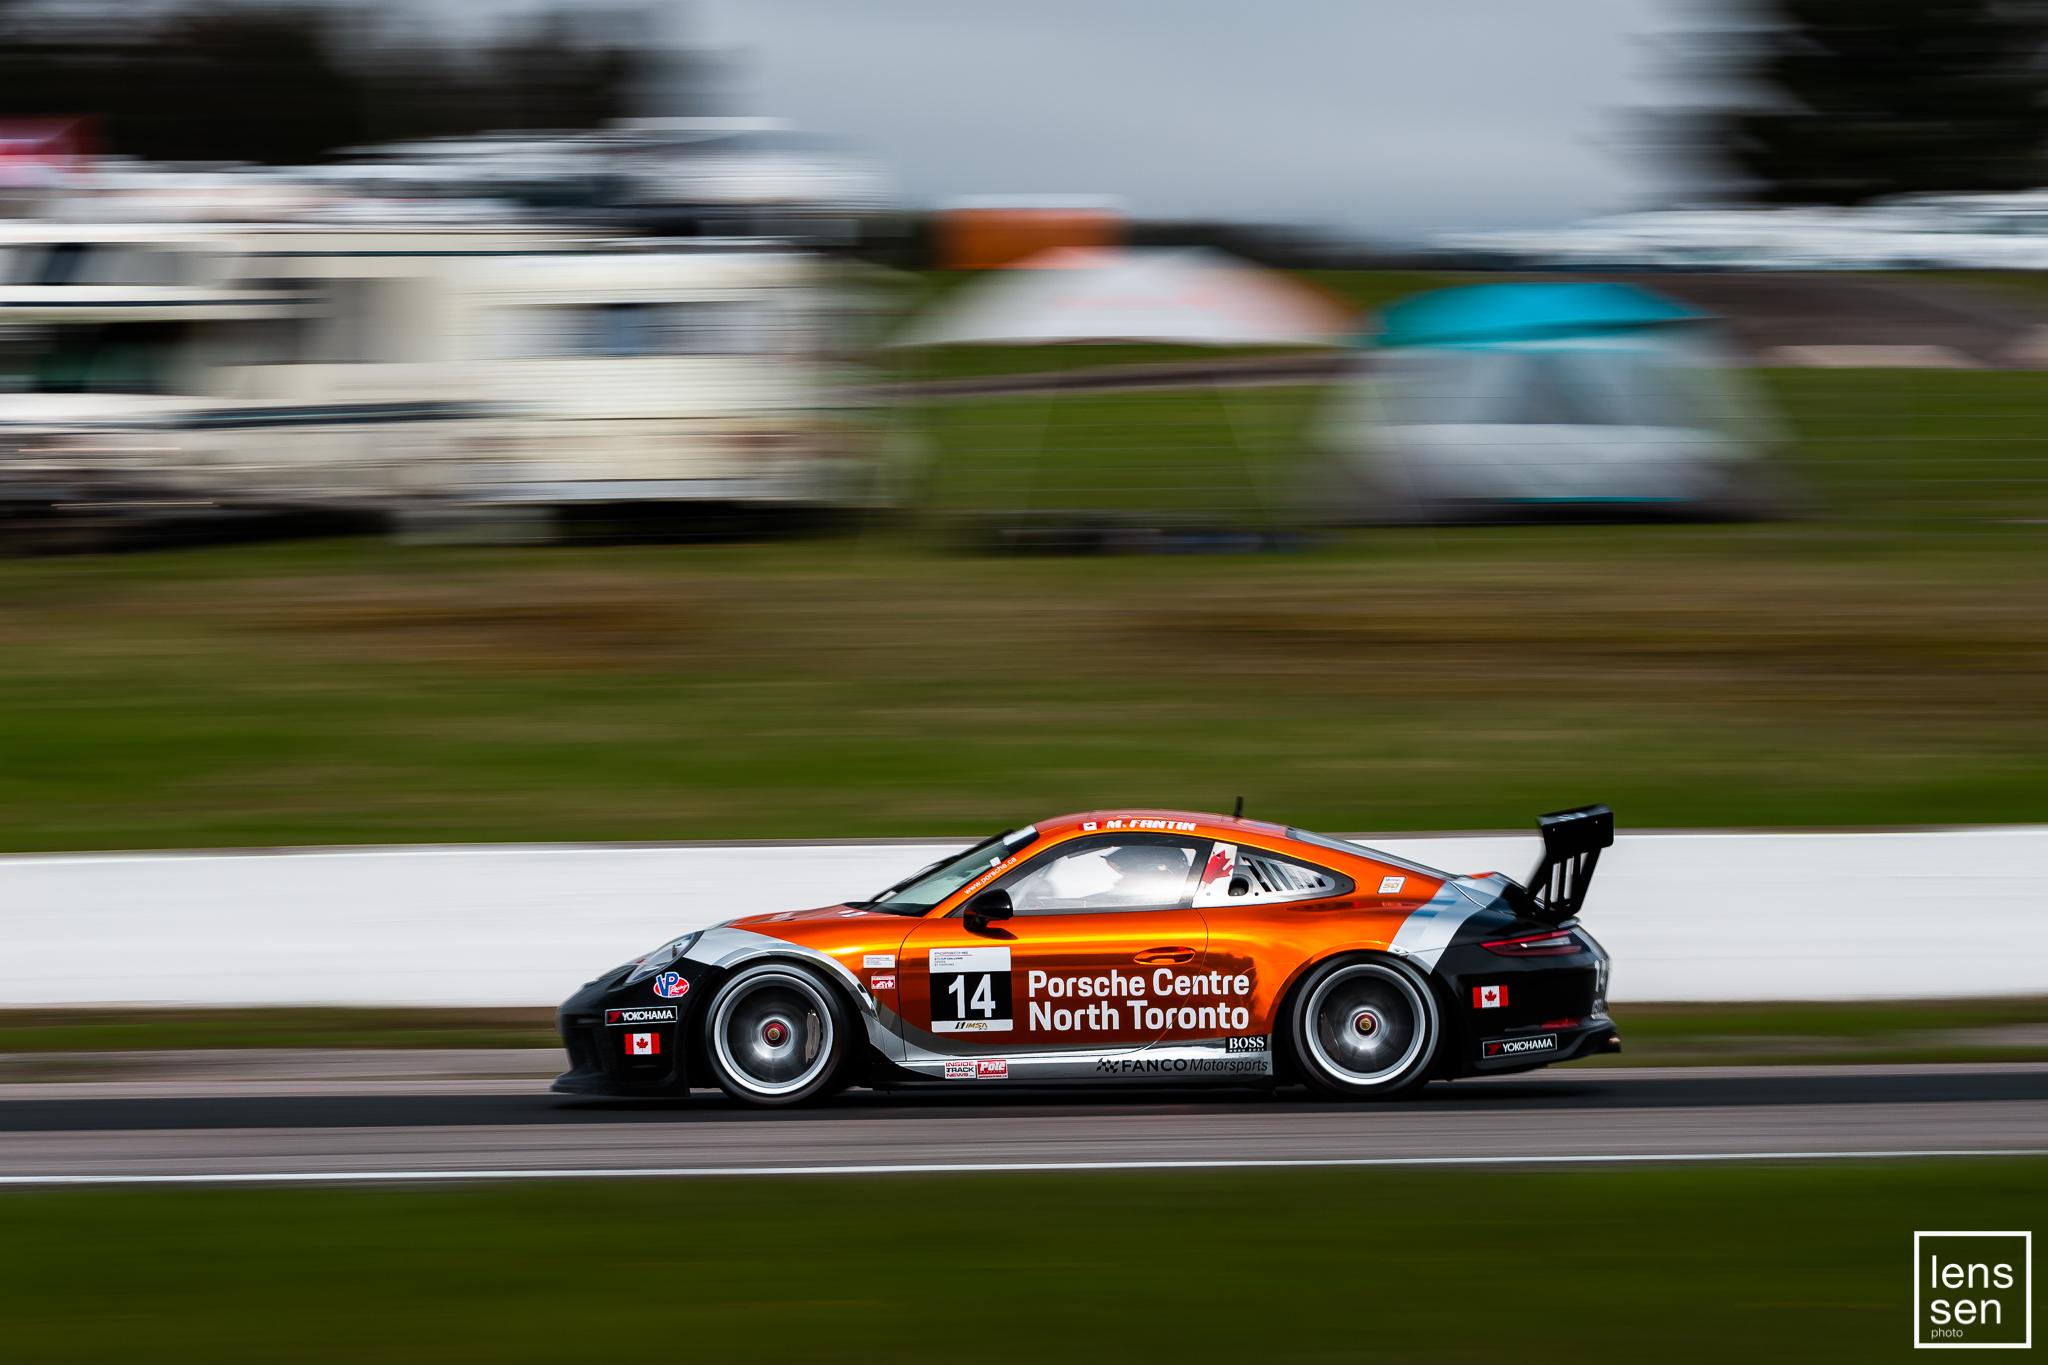 Porsche GT3 Cup Challenge Canada - 052019 - CTMP Mosport VDS 2019 - Lenssen Photo - 50 -7364.jpg